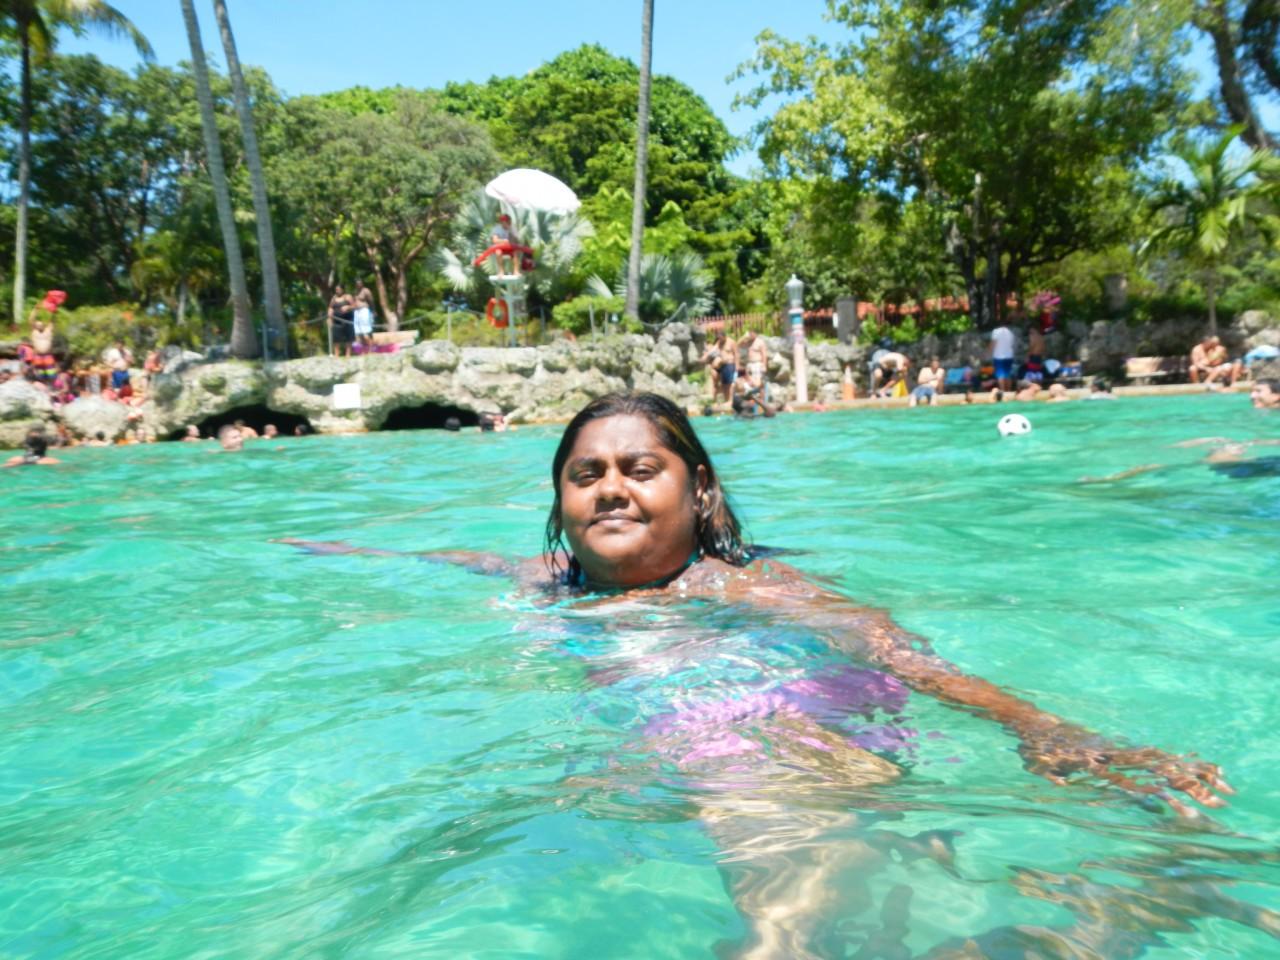 Lauren Bassart at the Venetian Pool